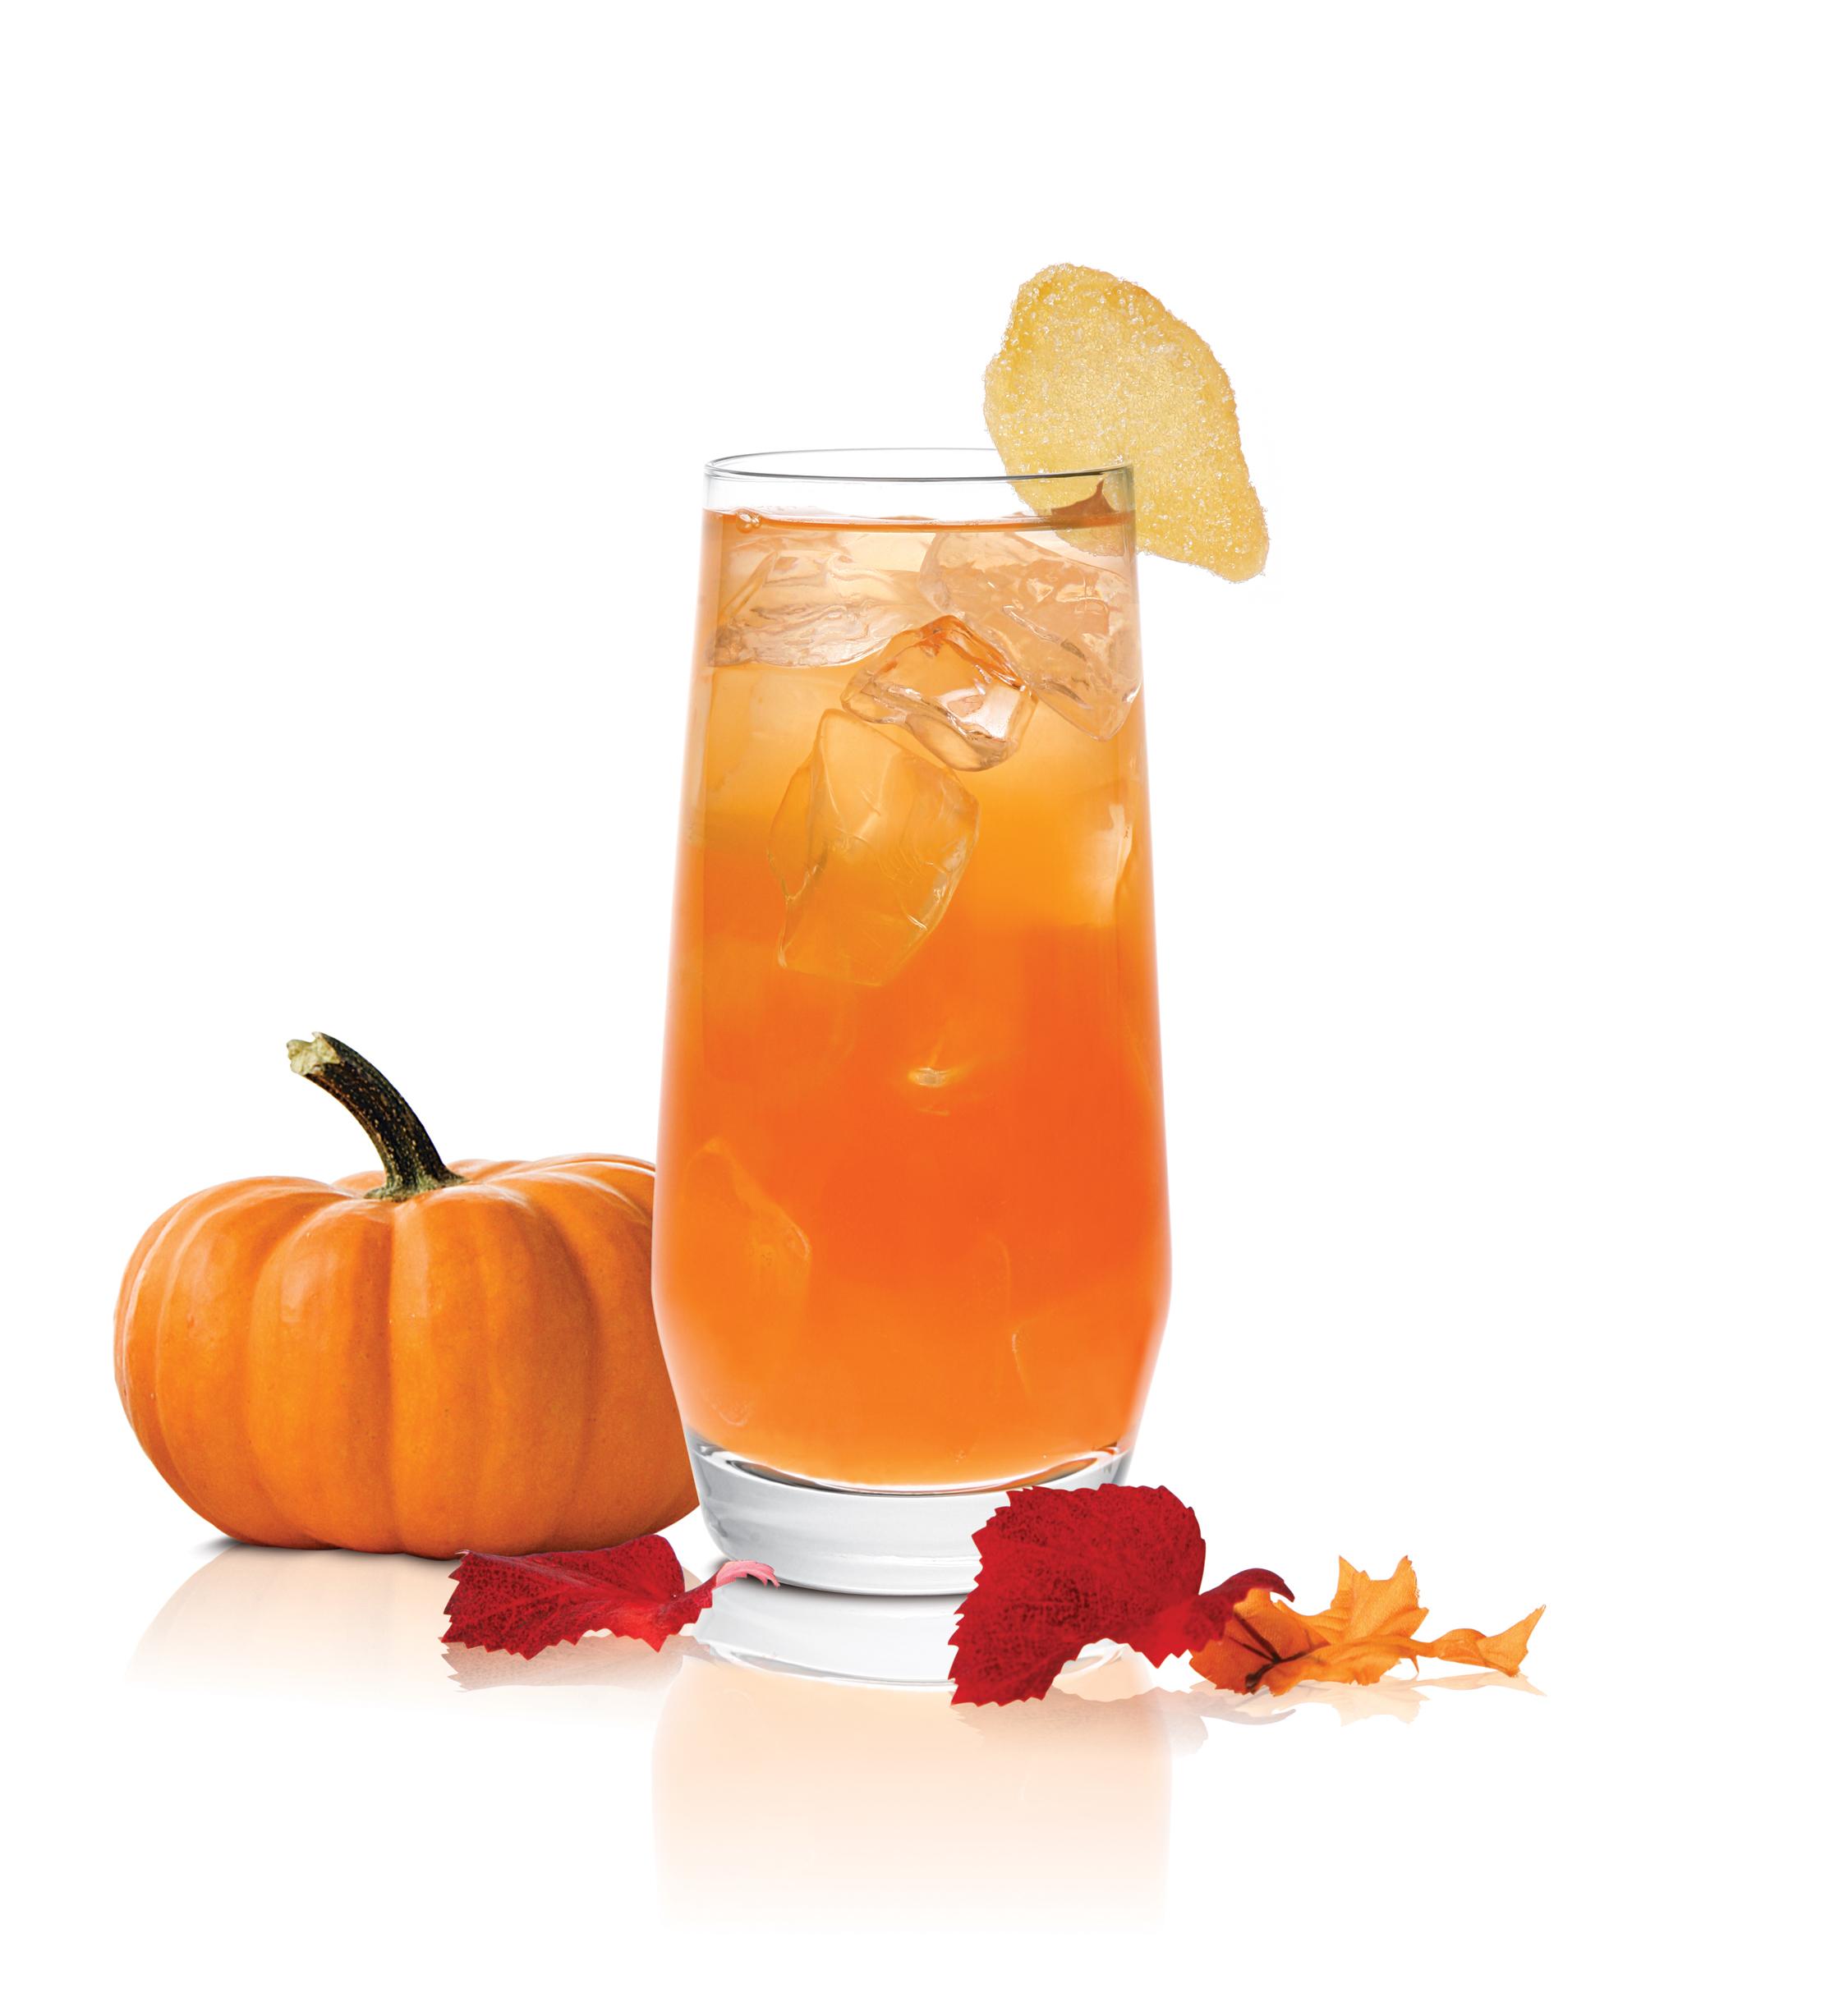 Pumpkin Spice- Vodka Cocktail Drink Recipe